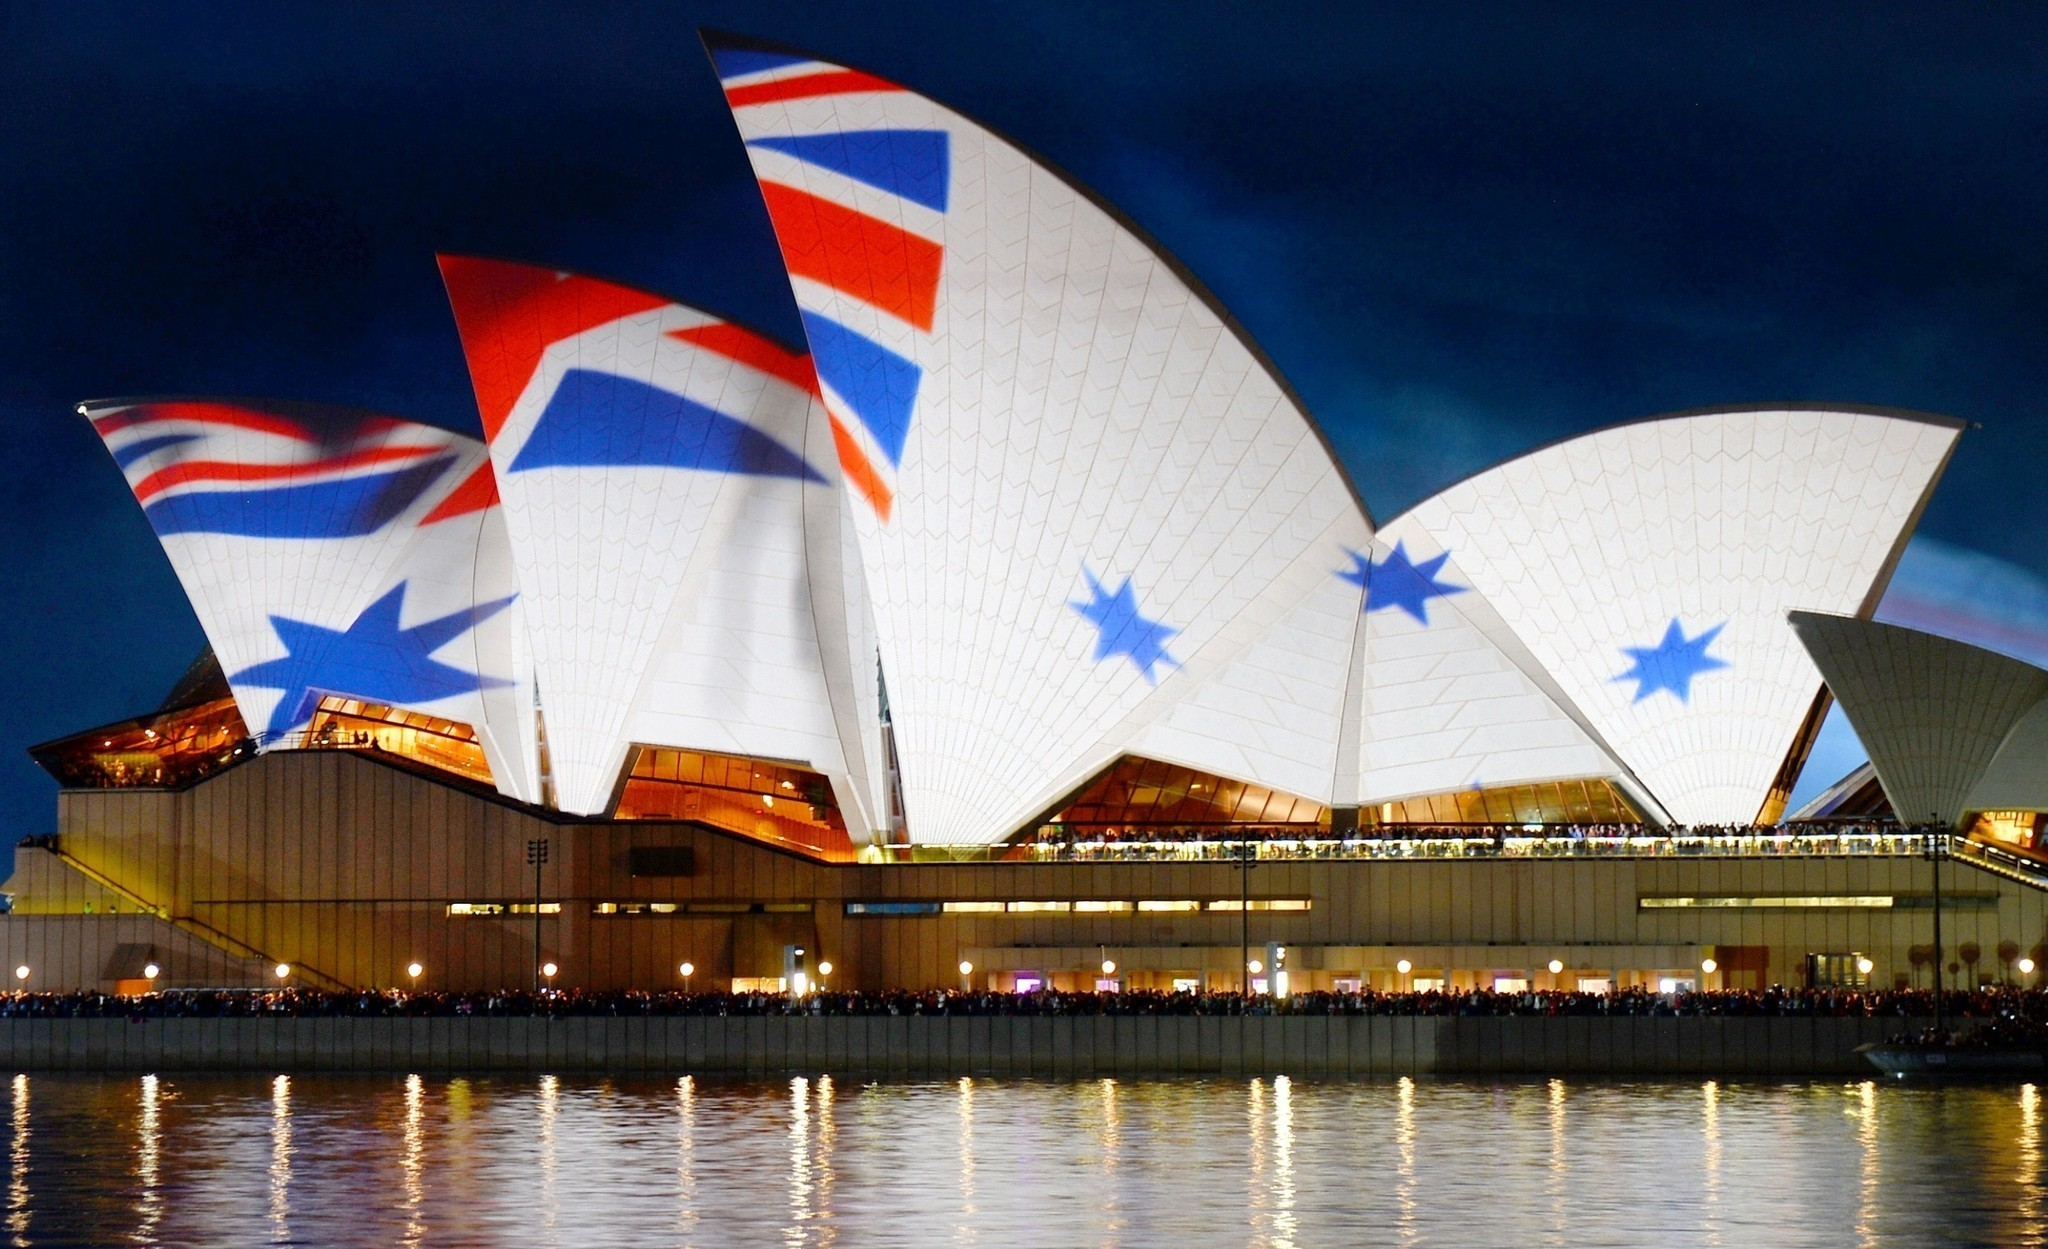 sydney opera house year - photo#33